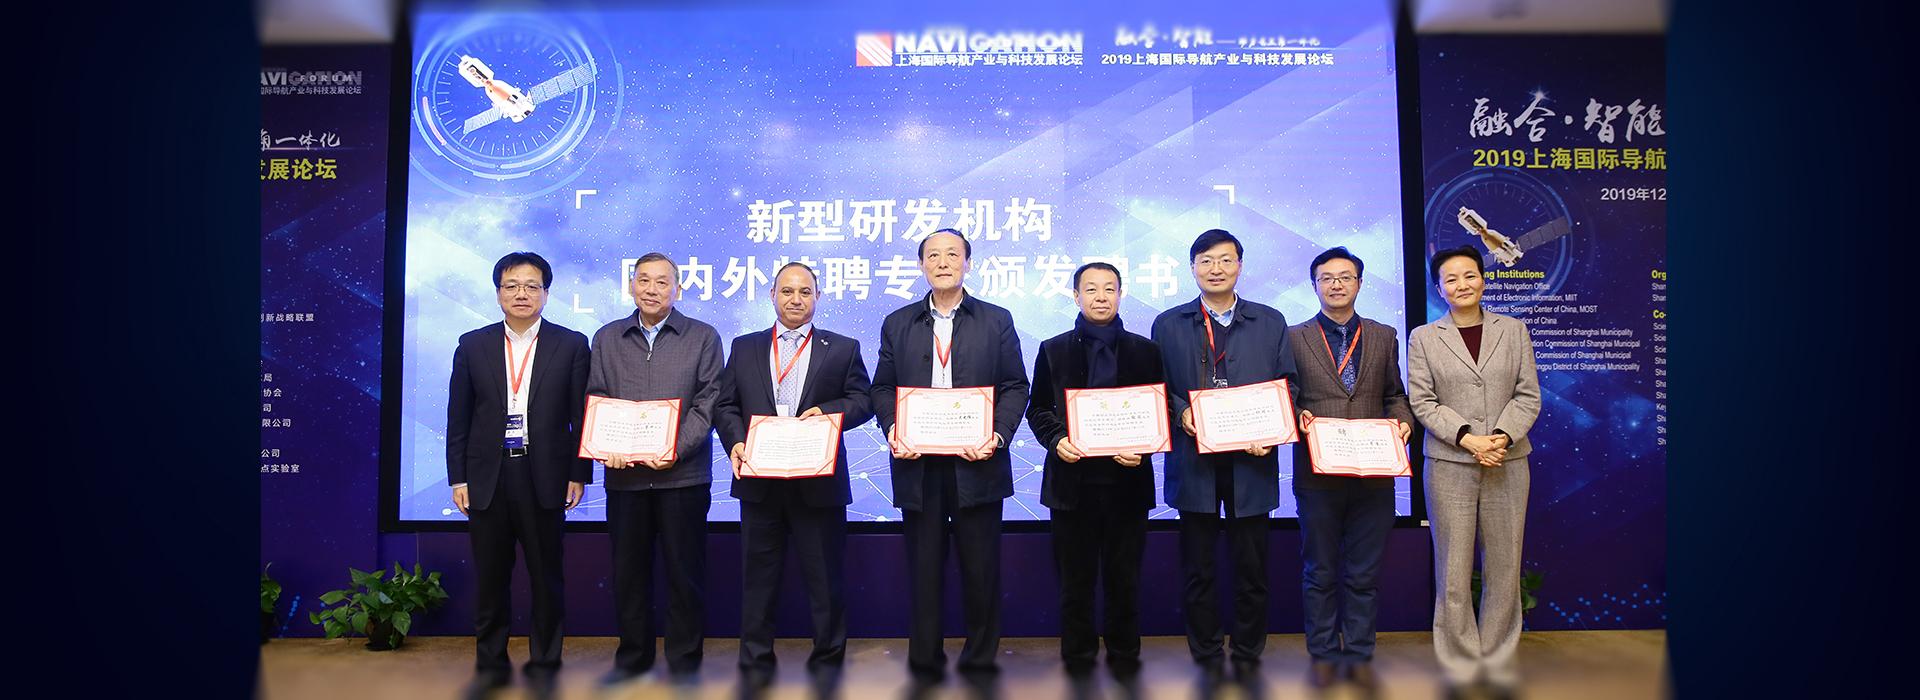 2019上海国际导航产业与科技发展论坛上颁发新型研发机构特聘专家证书仪式。